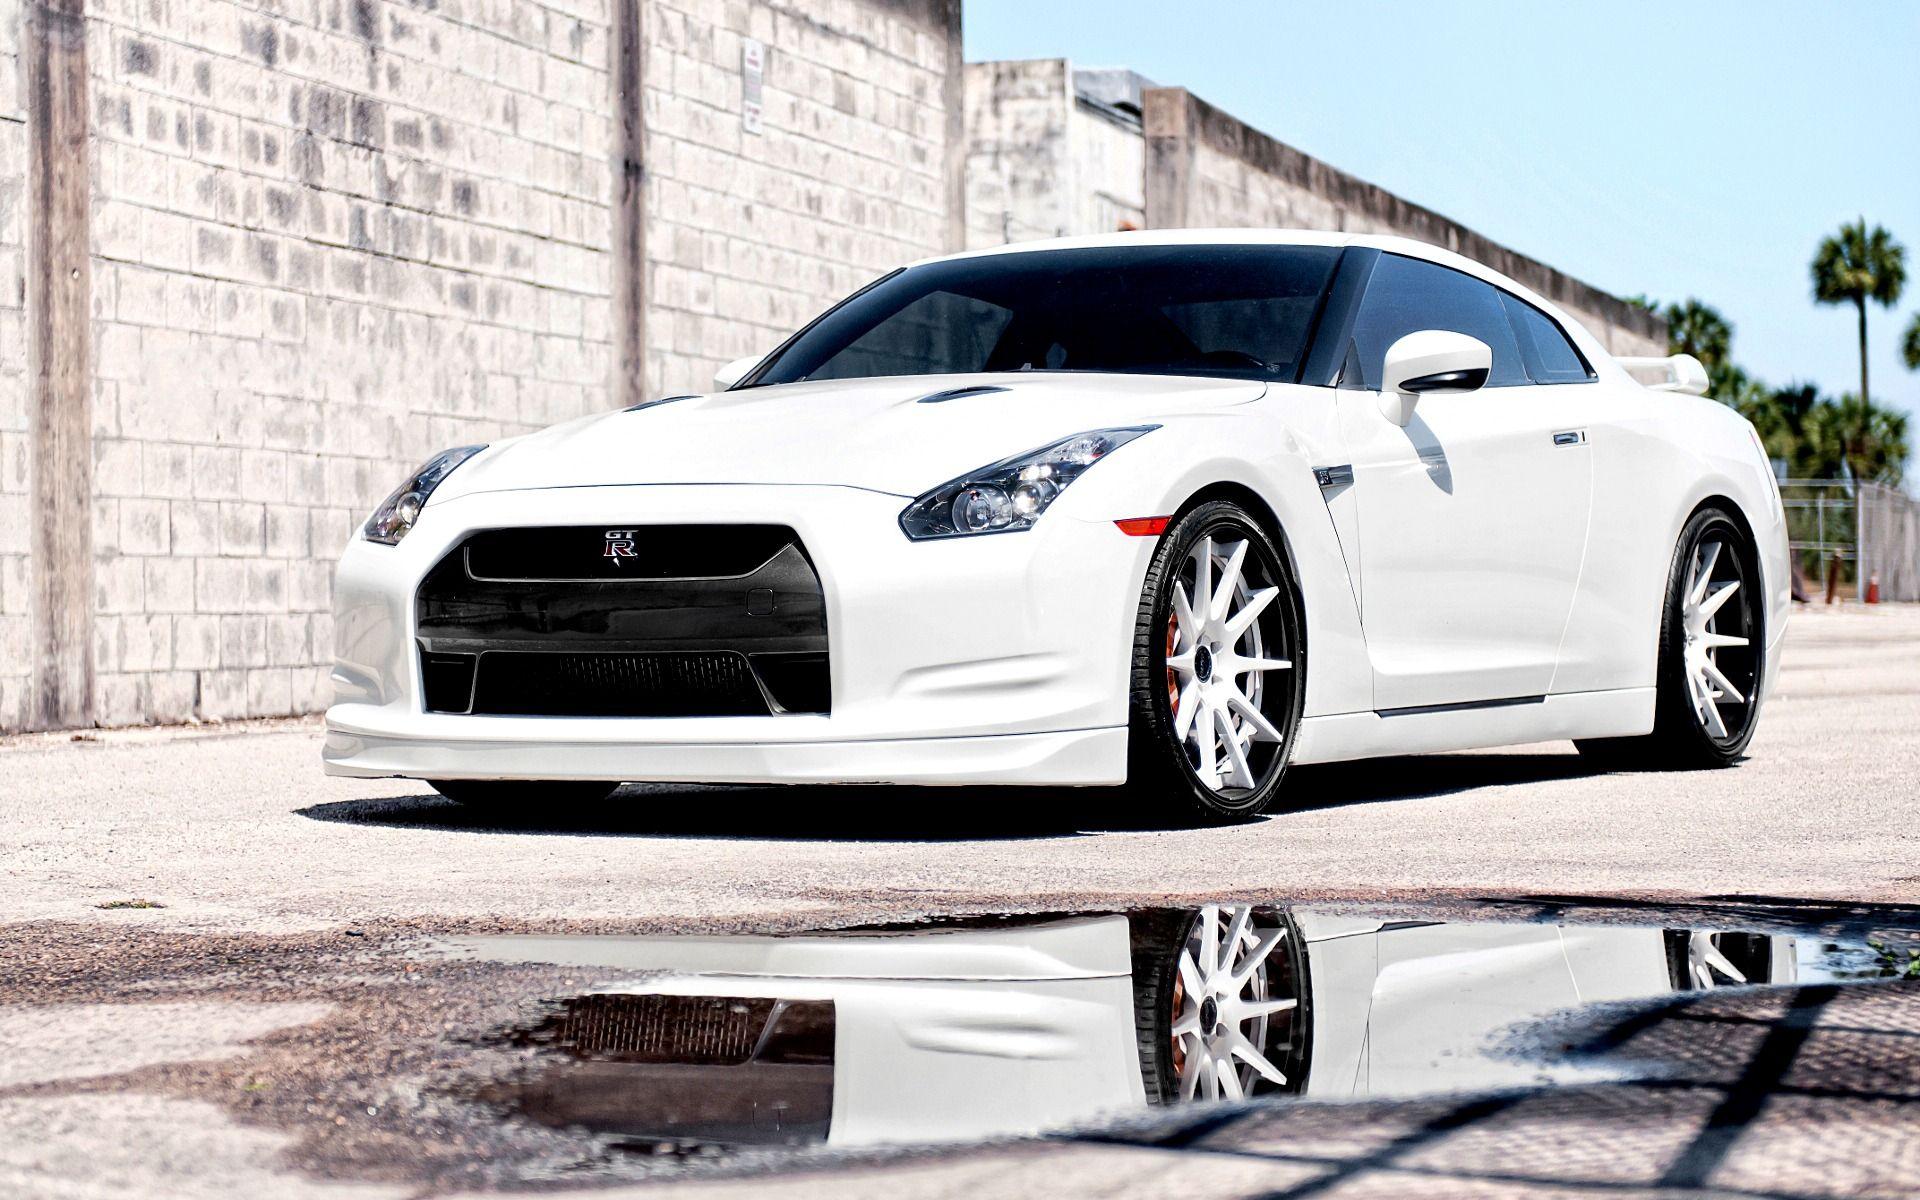 Nissan Skyline R35 GTR HD Wallpapers 1080p Cars | Nissan Skyline ...